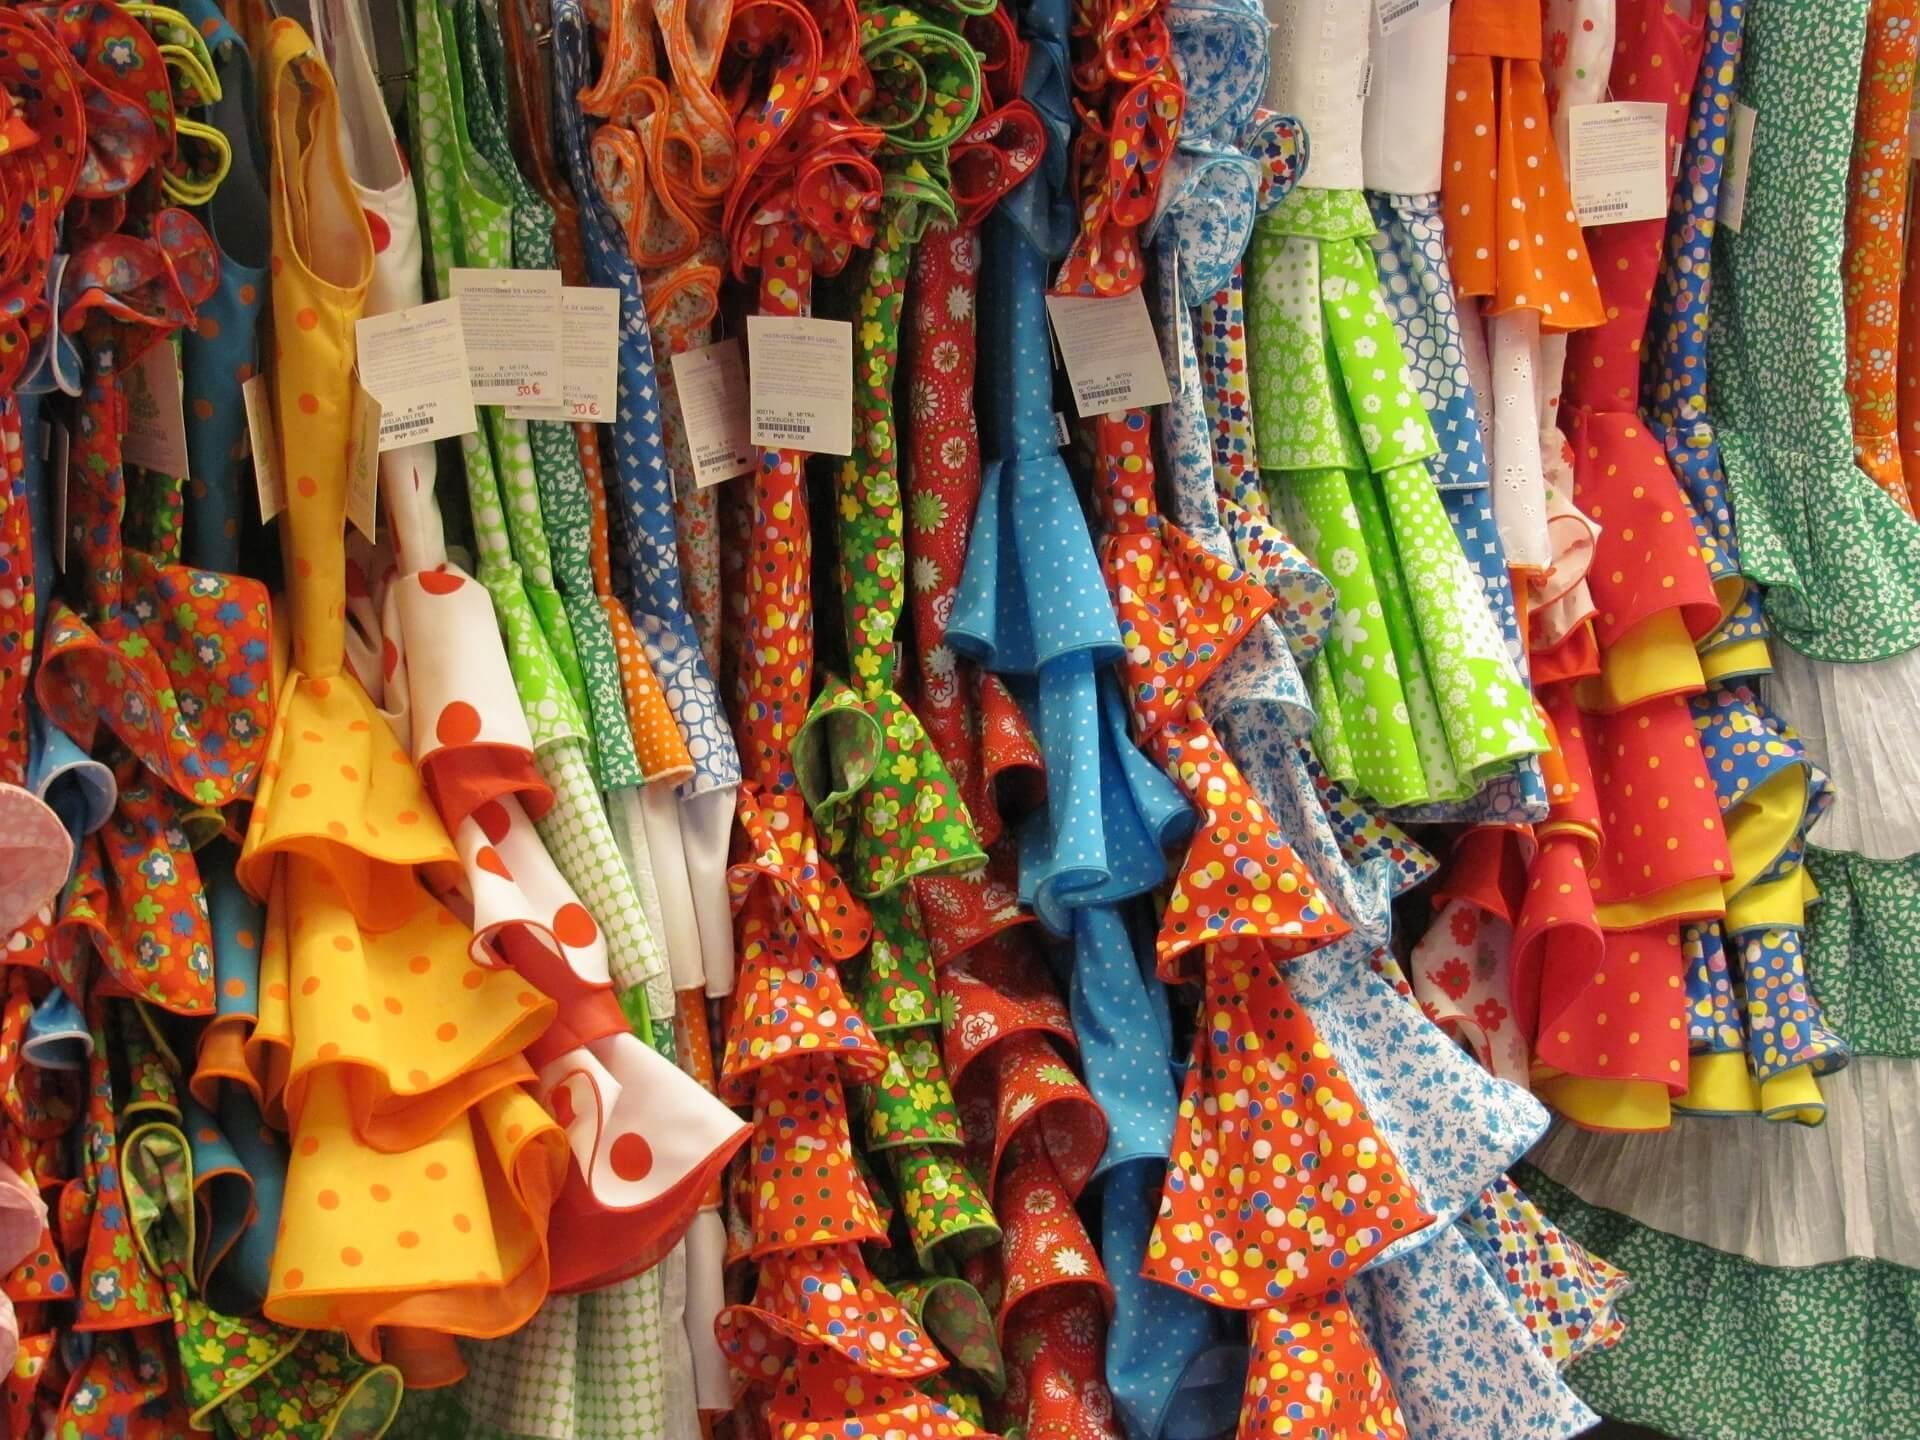 Рынок модной одежды: продавцов много, а надеть нечего